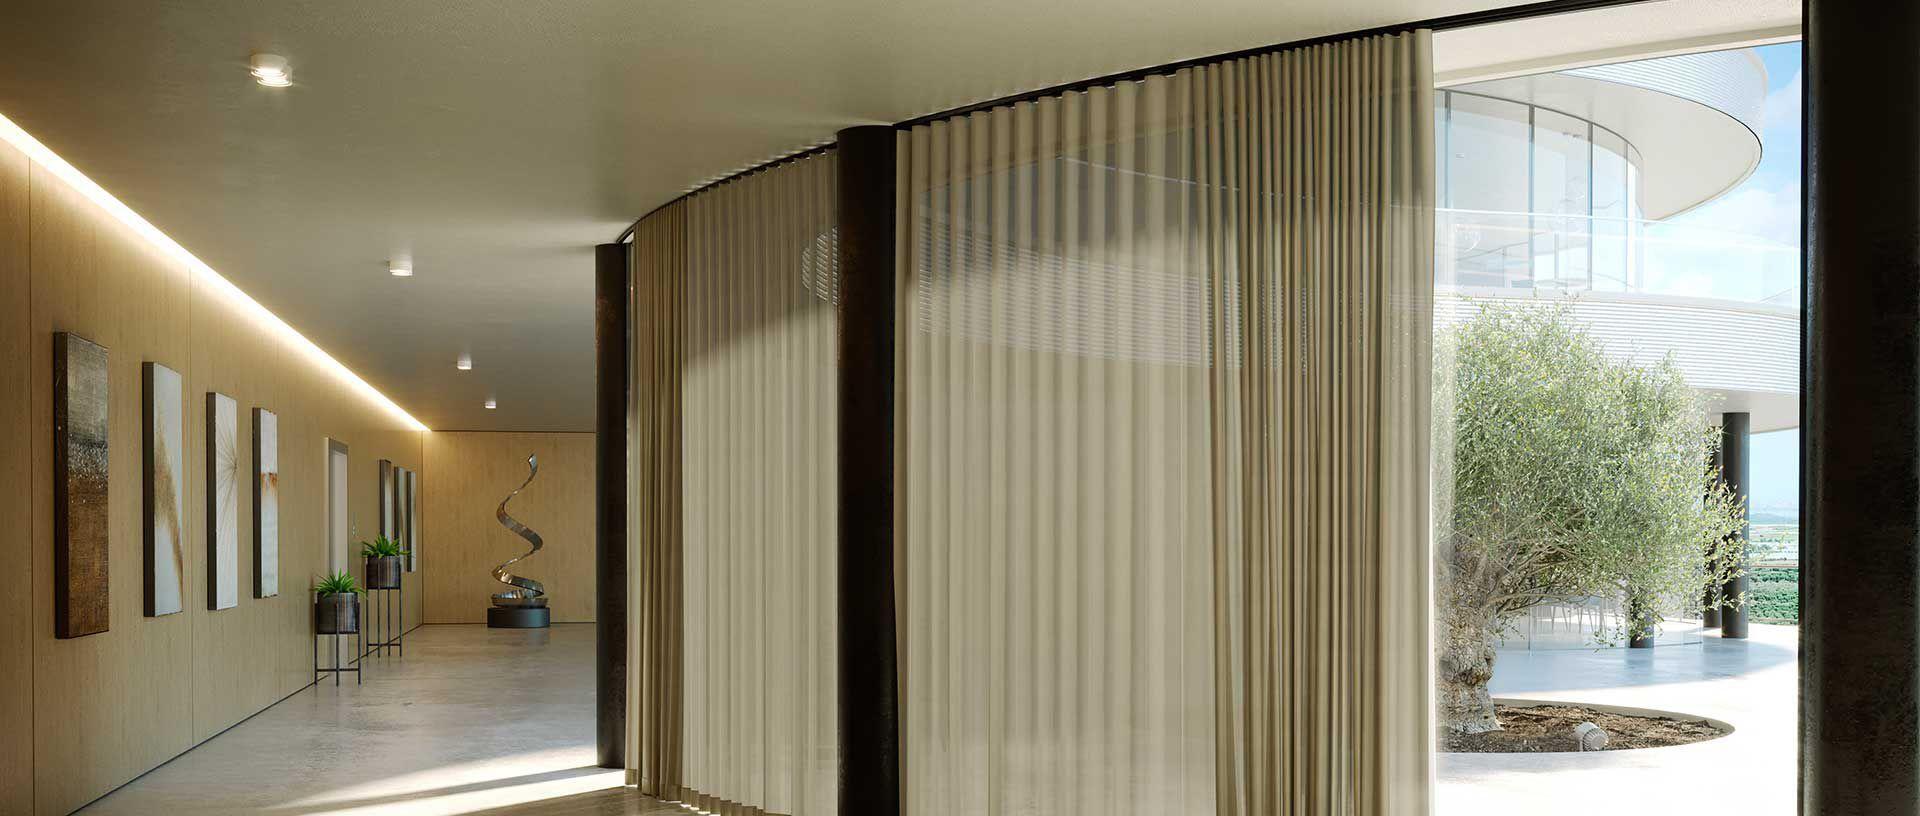 Fixation De Rideau Au Plafond rail à rideaux fixation plafond / fixation murale / avec